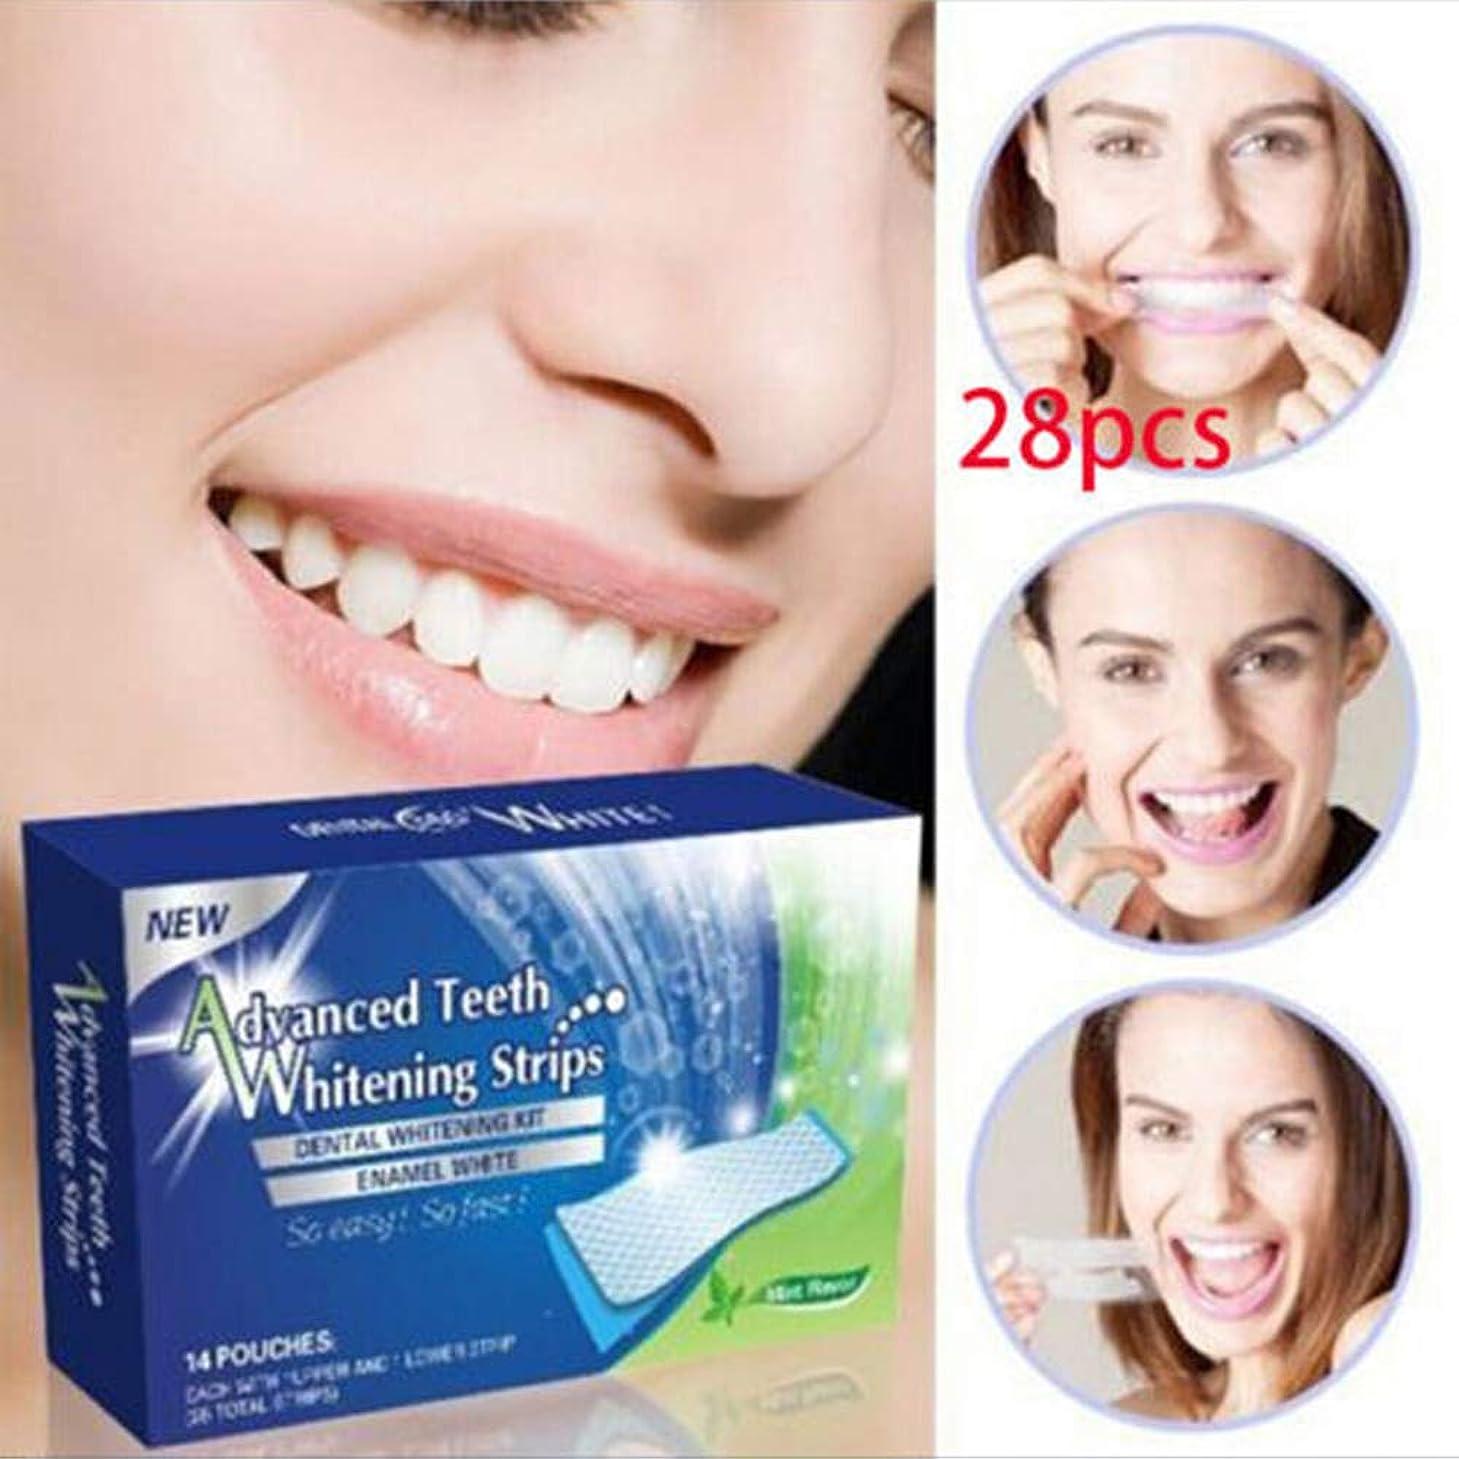 ゴミ箱乳製品火歯 美白 ホワイトニング マニキュア 歯ケア 歯のホワイトニング 美白歯磨き 歯を白 ホワイトニングテープ 歯を漂白 14セット/28枚